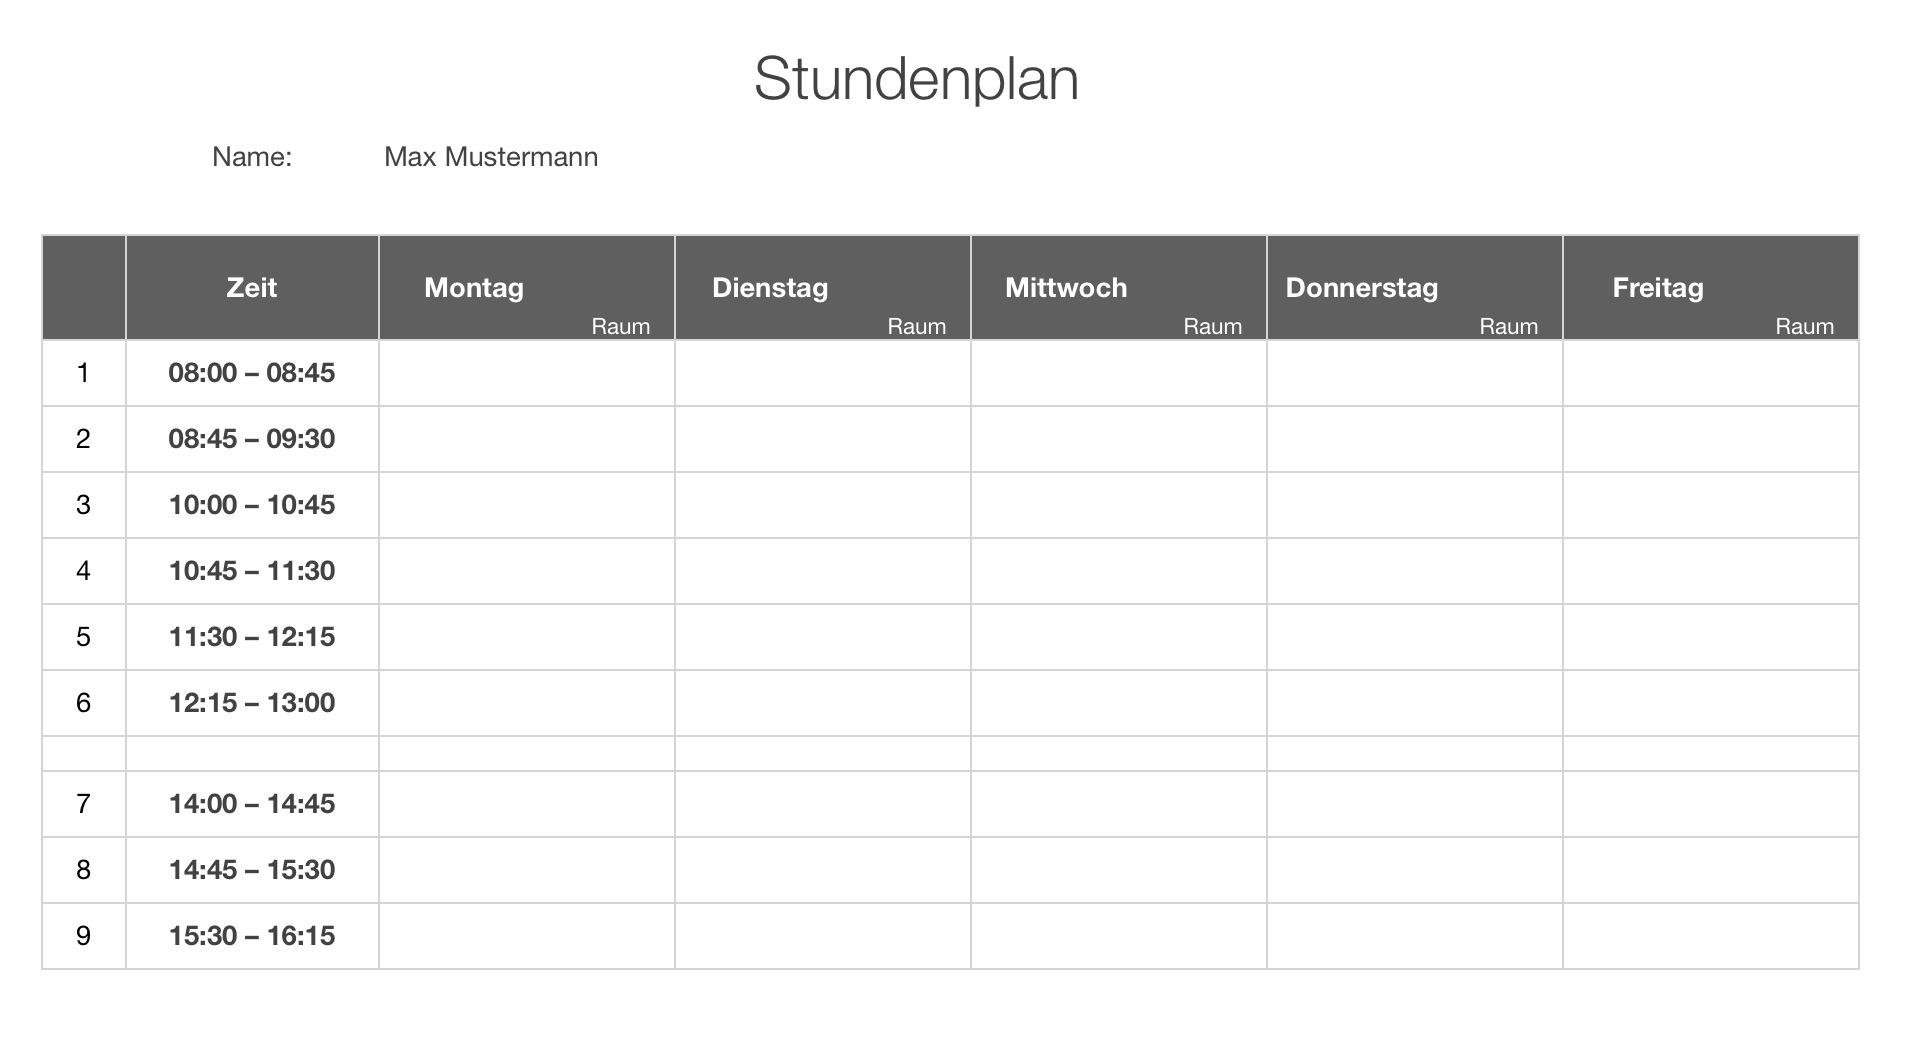 Numbers Vorlage Stundenplan | Numbersvorlagen.de